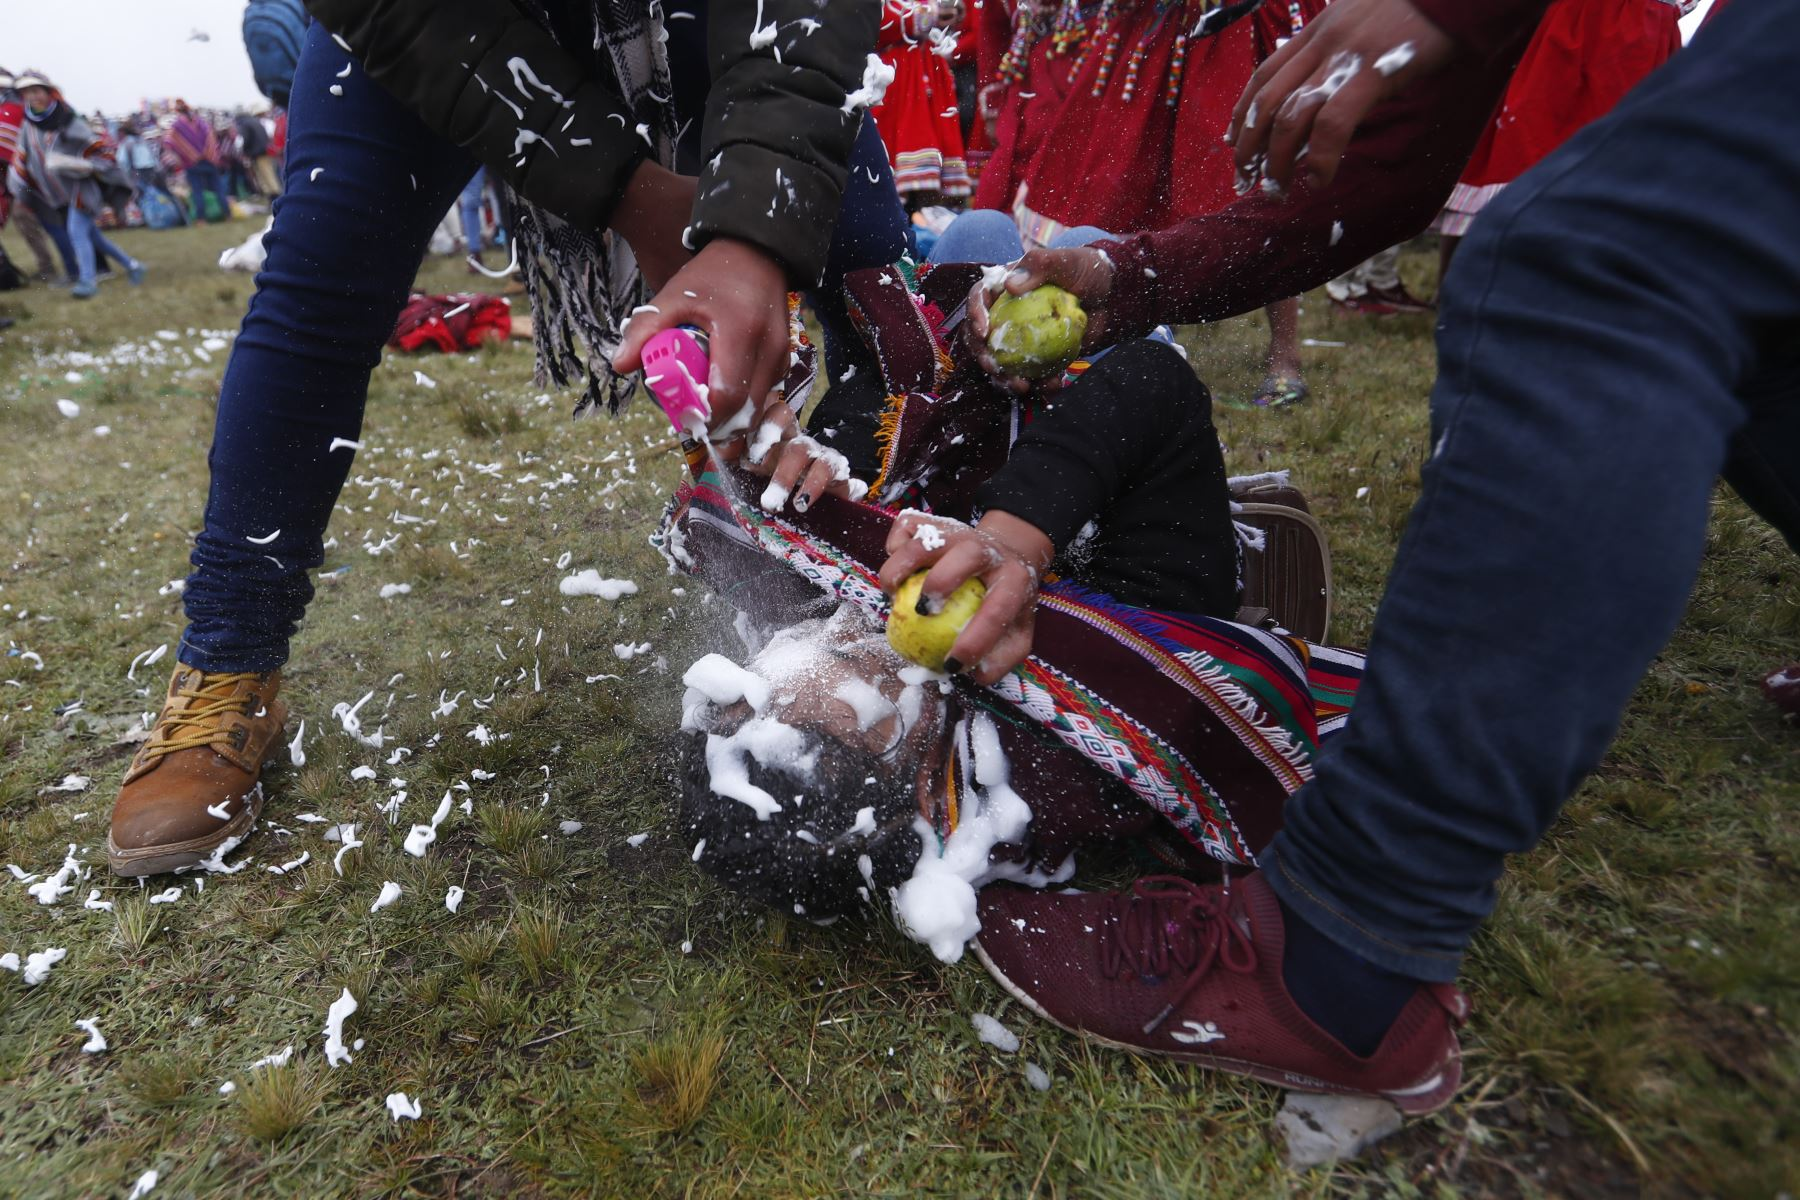 Dos jóvenes logran tumbar a una alegre muchacha quien venía lanzando espuma a diestra y siniestra contra ellos. Foto: ANDINA/Renato Pajuelo